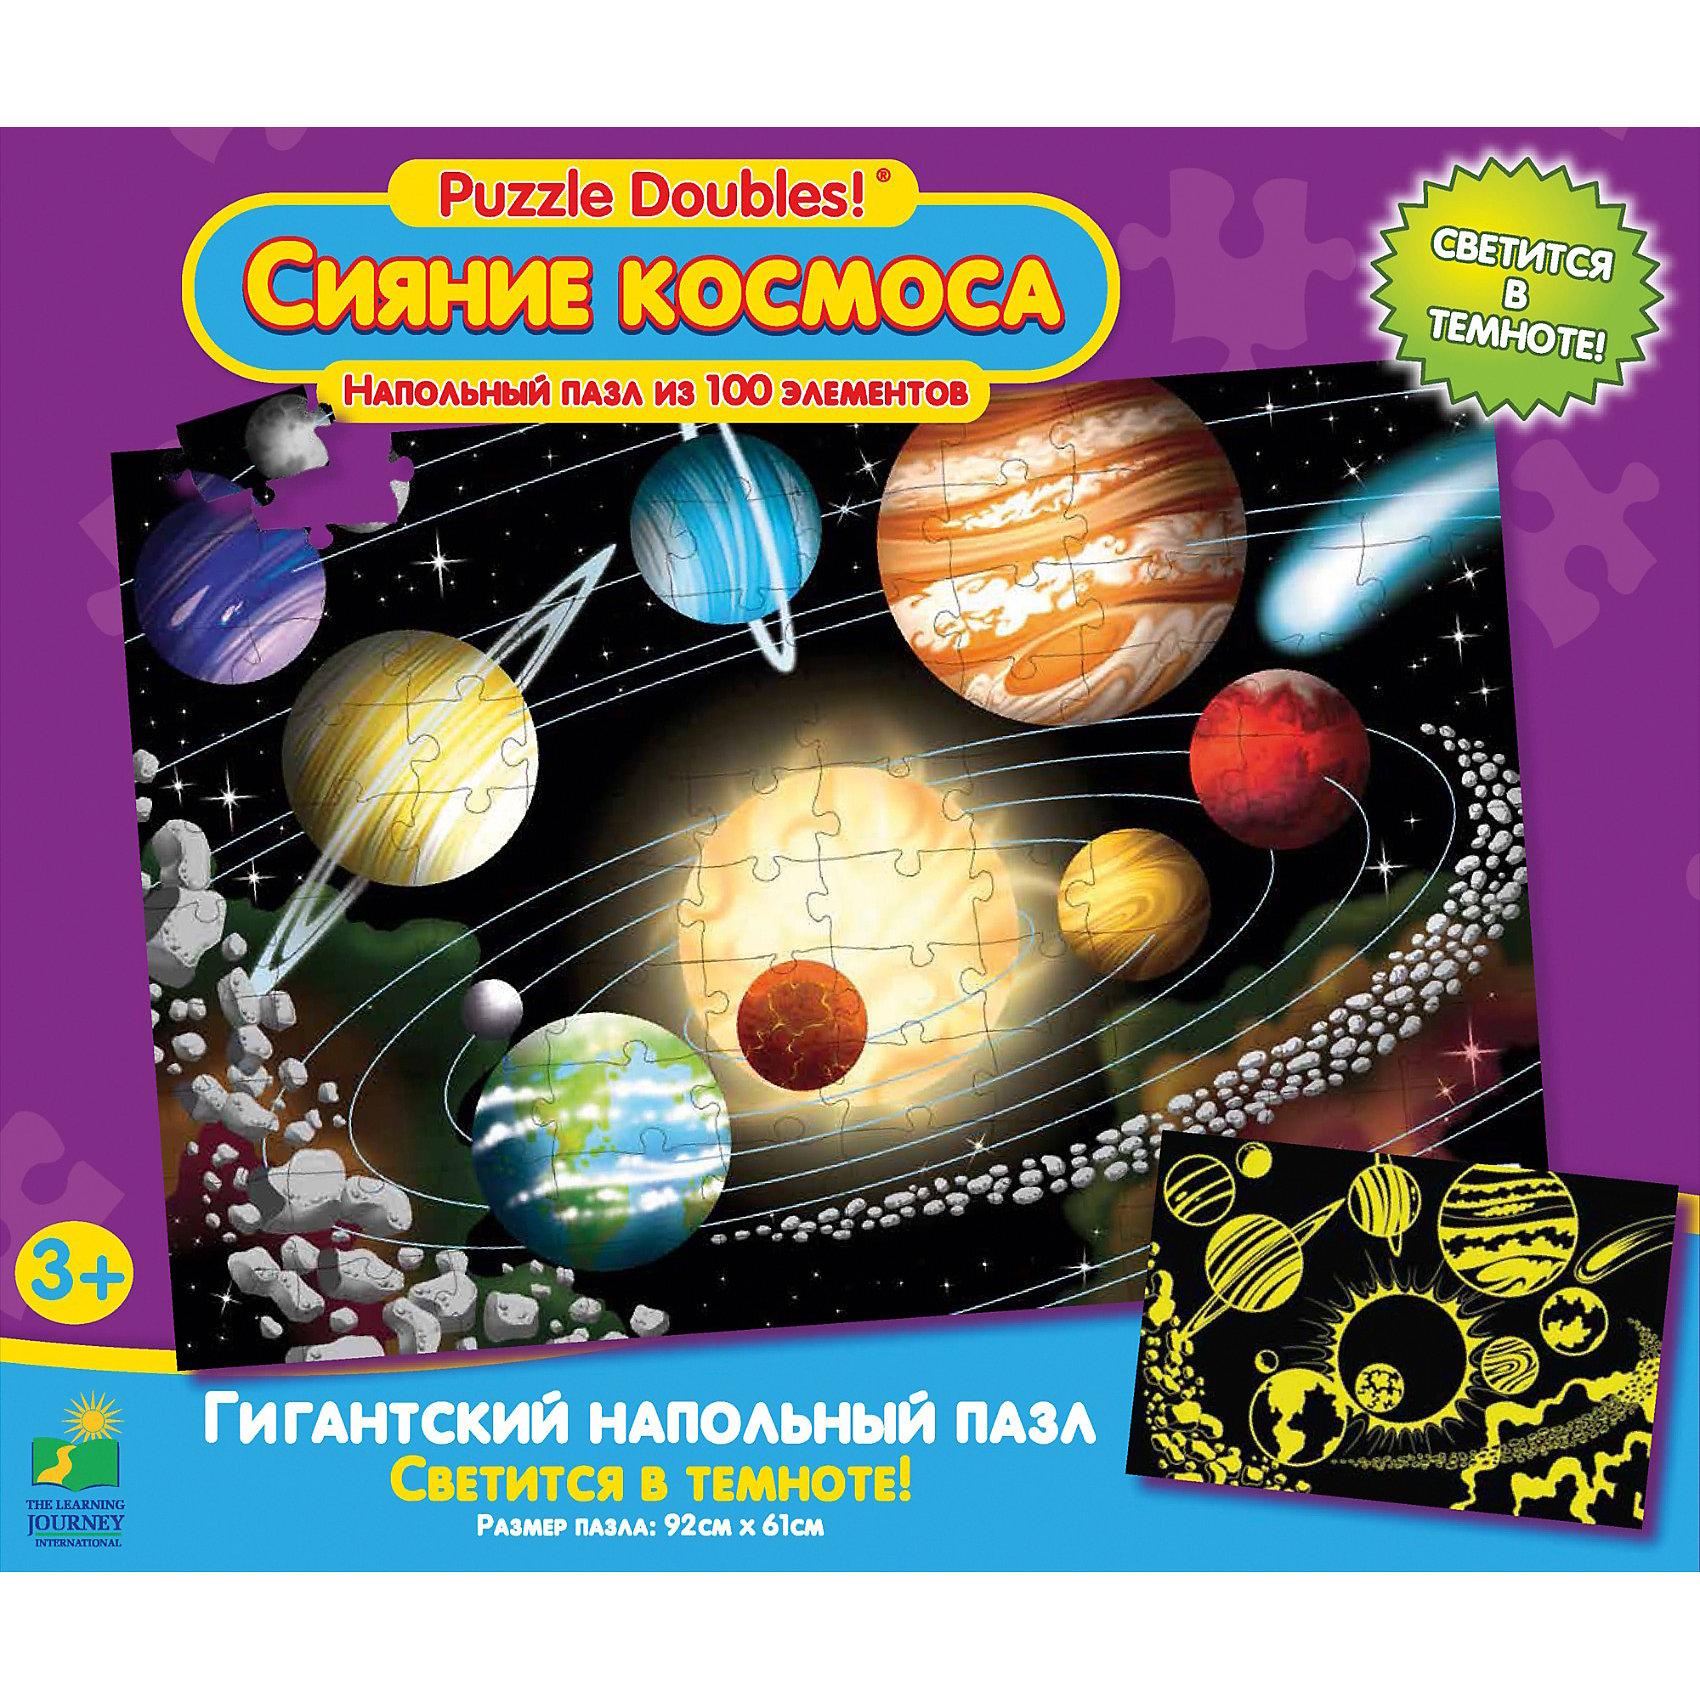 Пазл Сияние Космоса, 100 деталей, светится в темноте,  The Learning JourneyПазл Сияние Космоса, The Learning Journey увлекательный набор для творчества, который обязательно заинтересует Вашего ребенка. С помощью входящих в набор деталей он сможет собрать яркую красочную картинку с изображением планет Солнечной системы. Собранный пазл светится в темноте. Детали пазлы выполнены из плотного качественного картона.<br><br>Дополнительная информация:<br><br>- Количество деталей: 100.<br>- Материал: картон.<br>- Размер собранной картинки: 92 х 61 см.<br>- Размер упаковки:  25,5 x 30,2 x 7,7 см. <br>- Вес: 1,094 кг.<br><br>Пазл Сияние Космоса, The Learning Journey можно купить в нашем интернет-магазине.<br><br>Ширина мм: 299<br>Глубина мм: 75<br>Высота мм: 255<br>Вес г: 1392<br>Возраст от месяцев: 36<br>Возраст до месяцев: 72<br>Пол: Унисекс<br>Возраст: Детский<br>SKU: 3812998